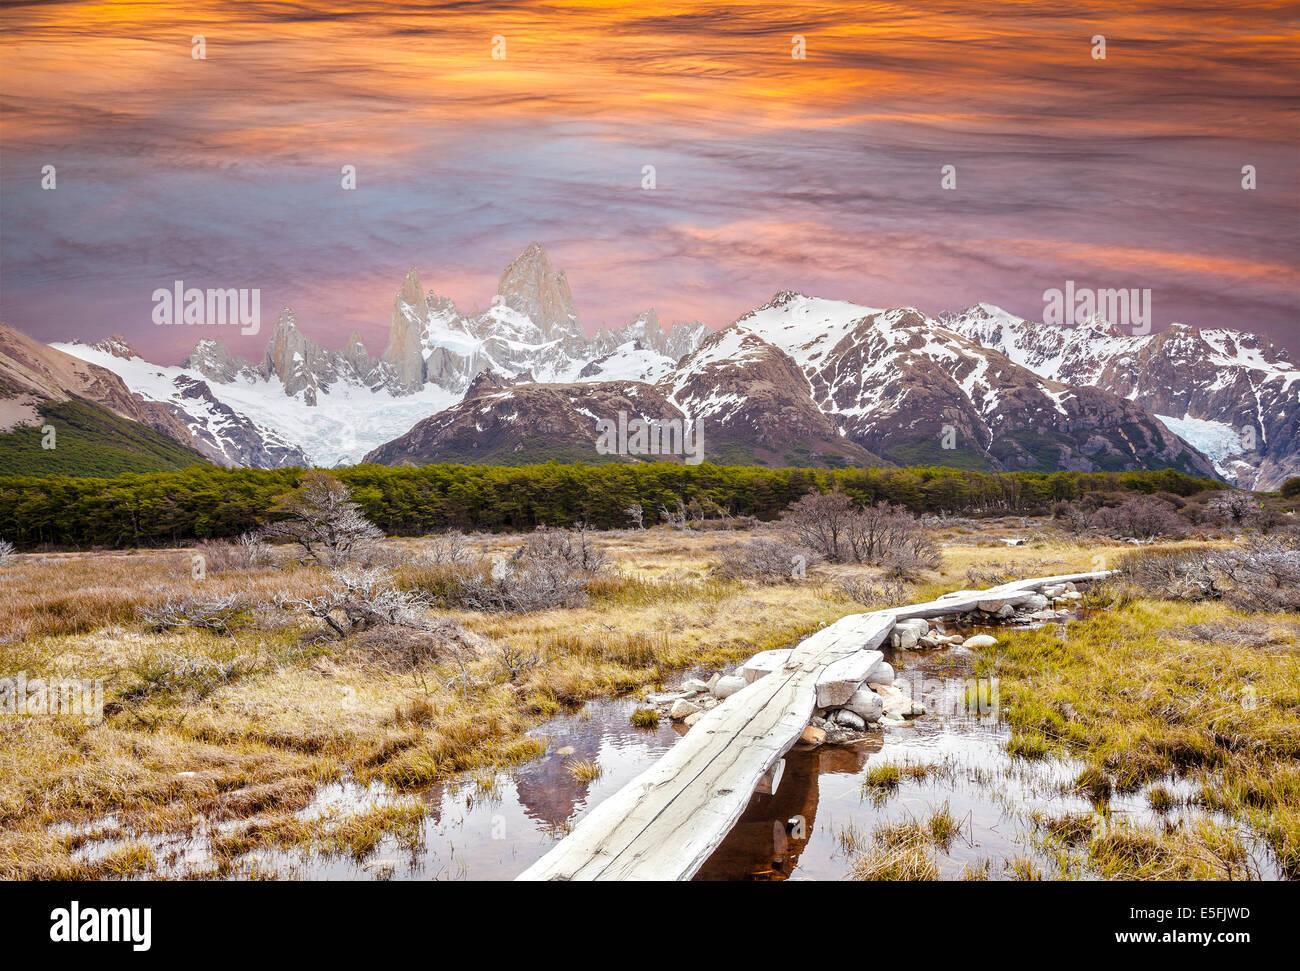 Pasarela en los Andes, cordillera de Fitz Roy, Patagonia, Argentina Imagen De Stock